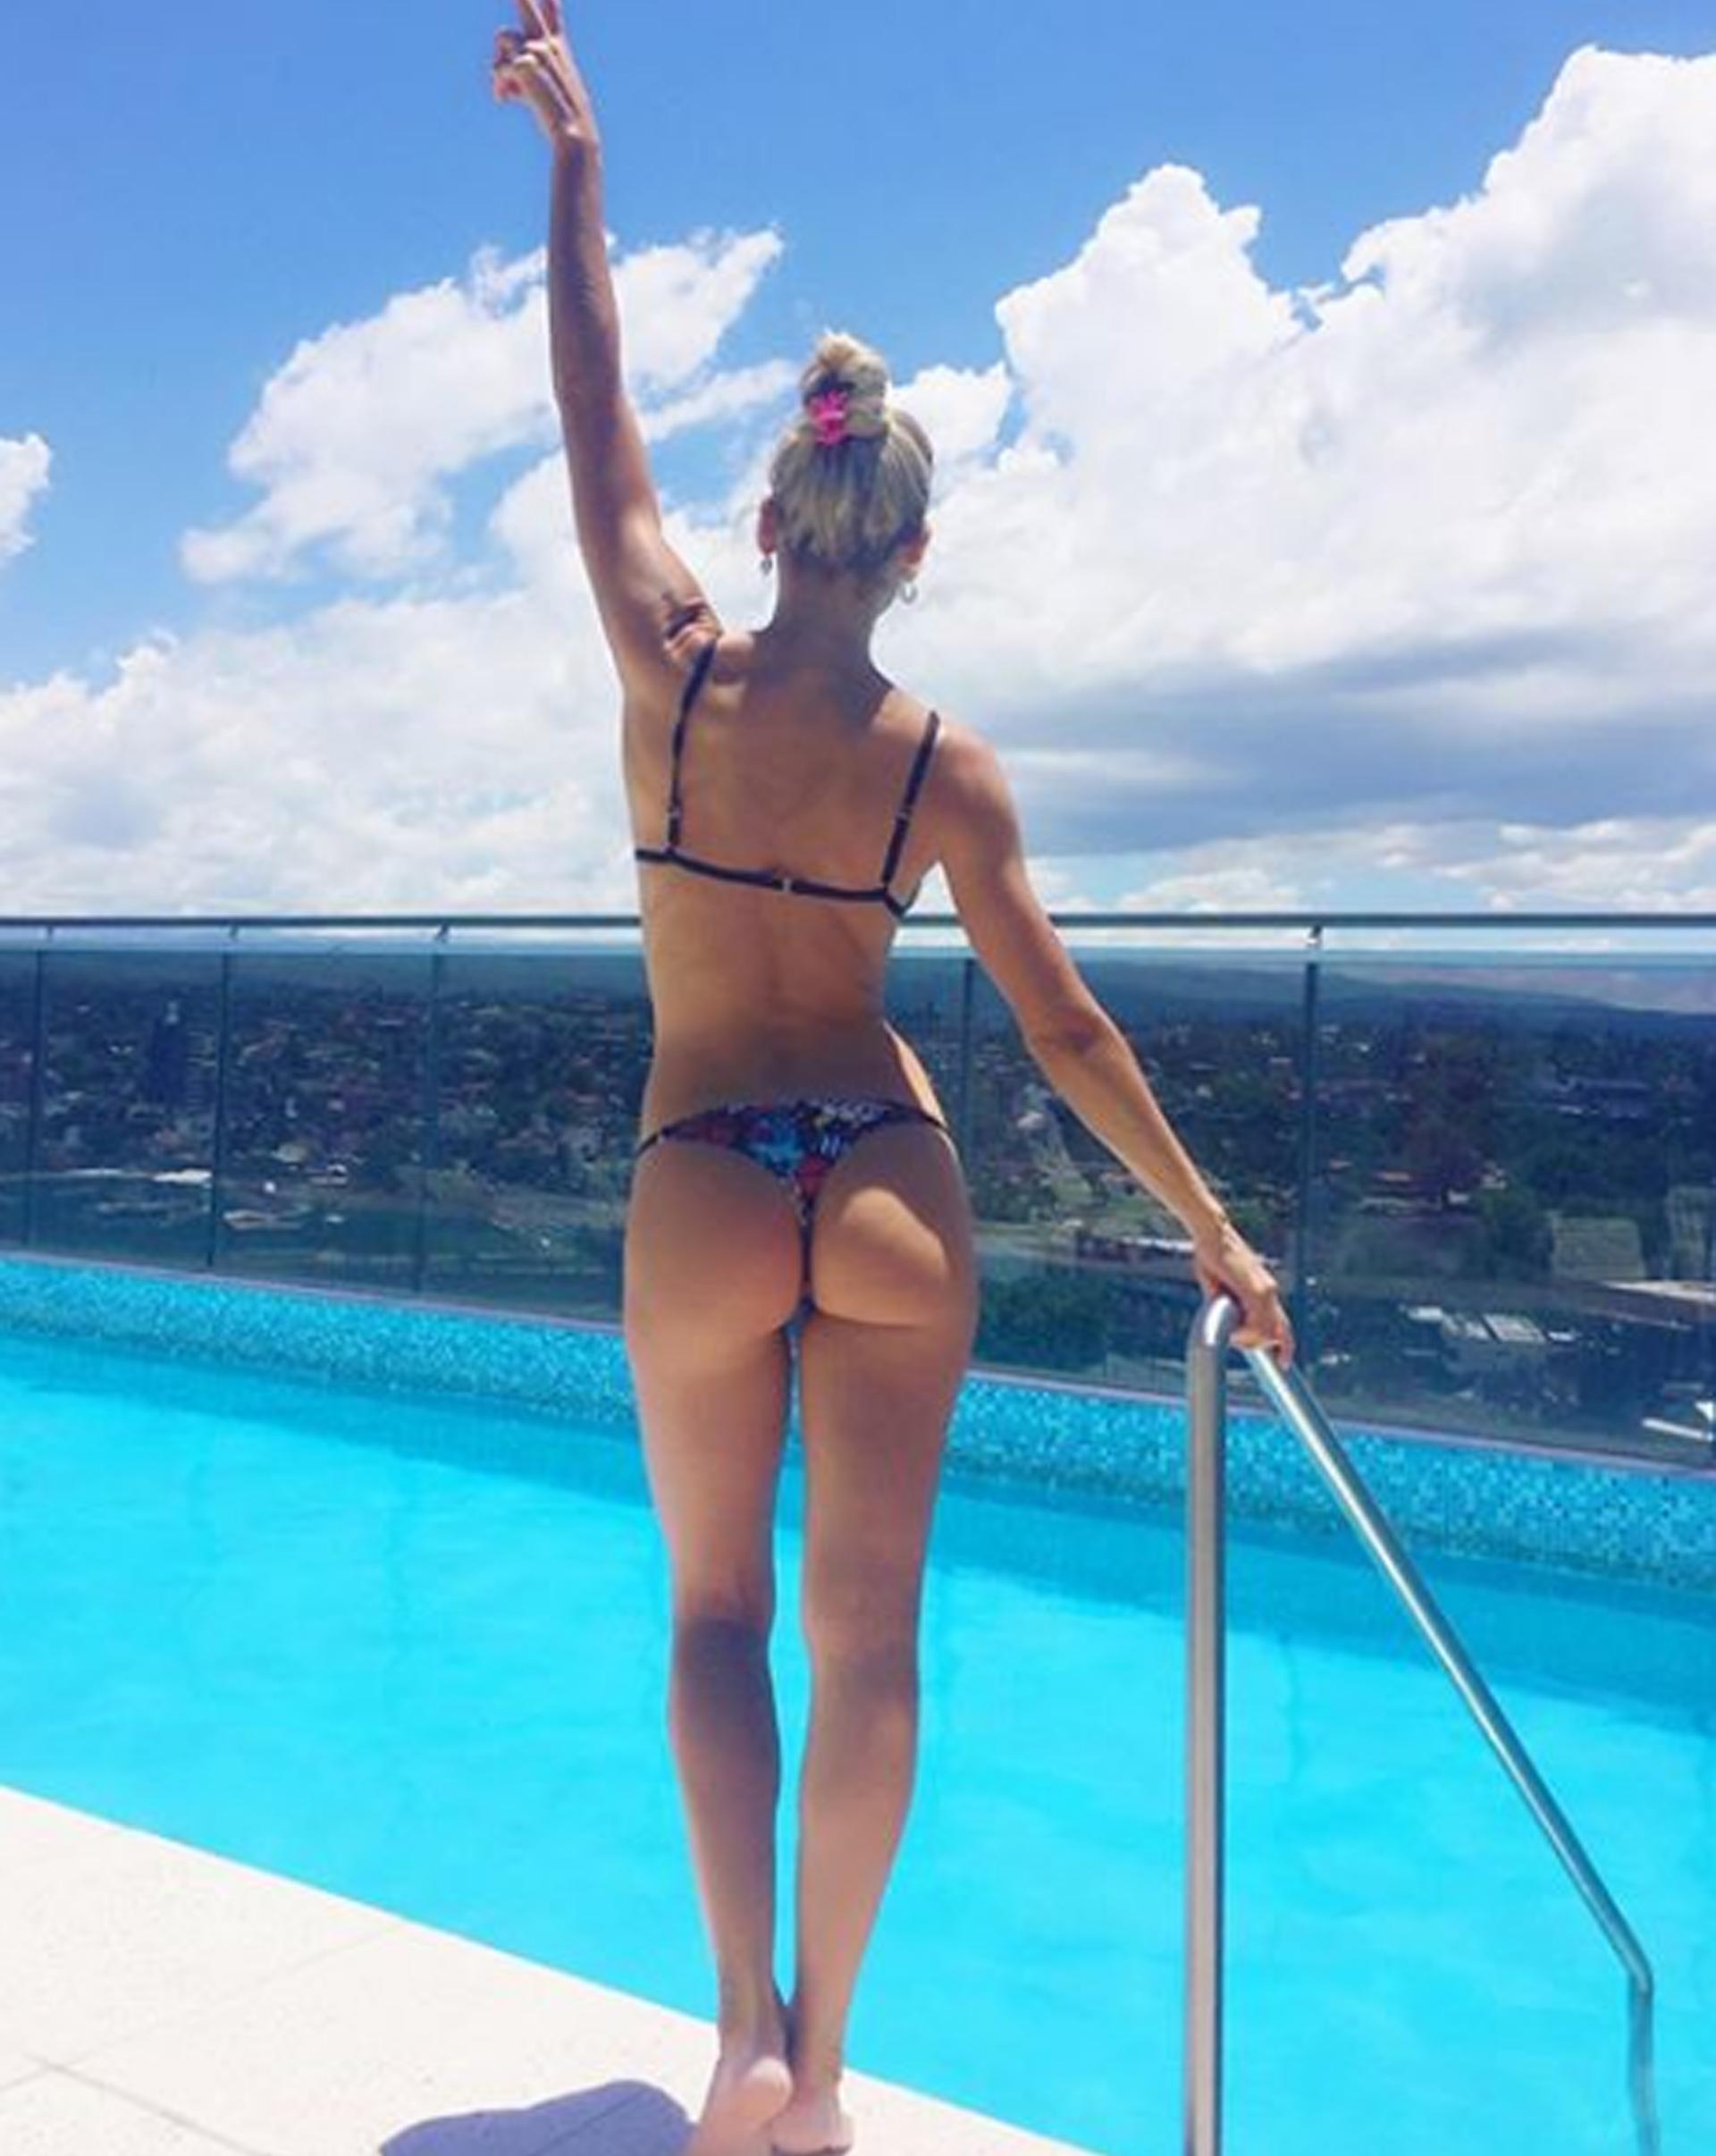 Bailando desnuda en el hotel - 3 1